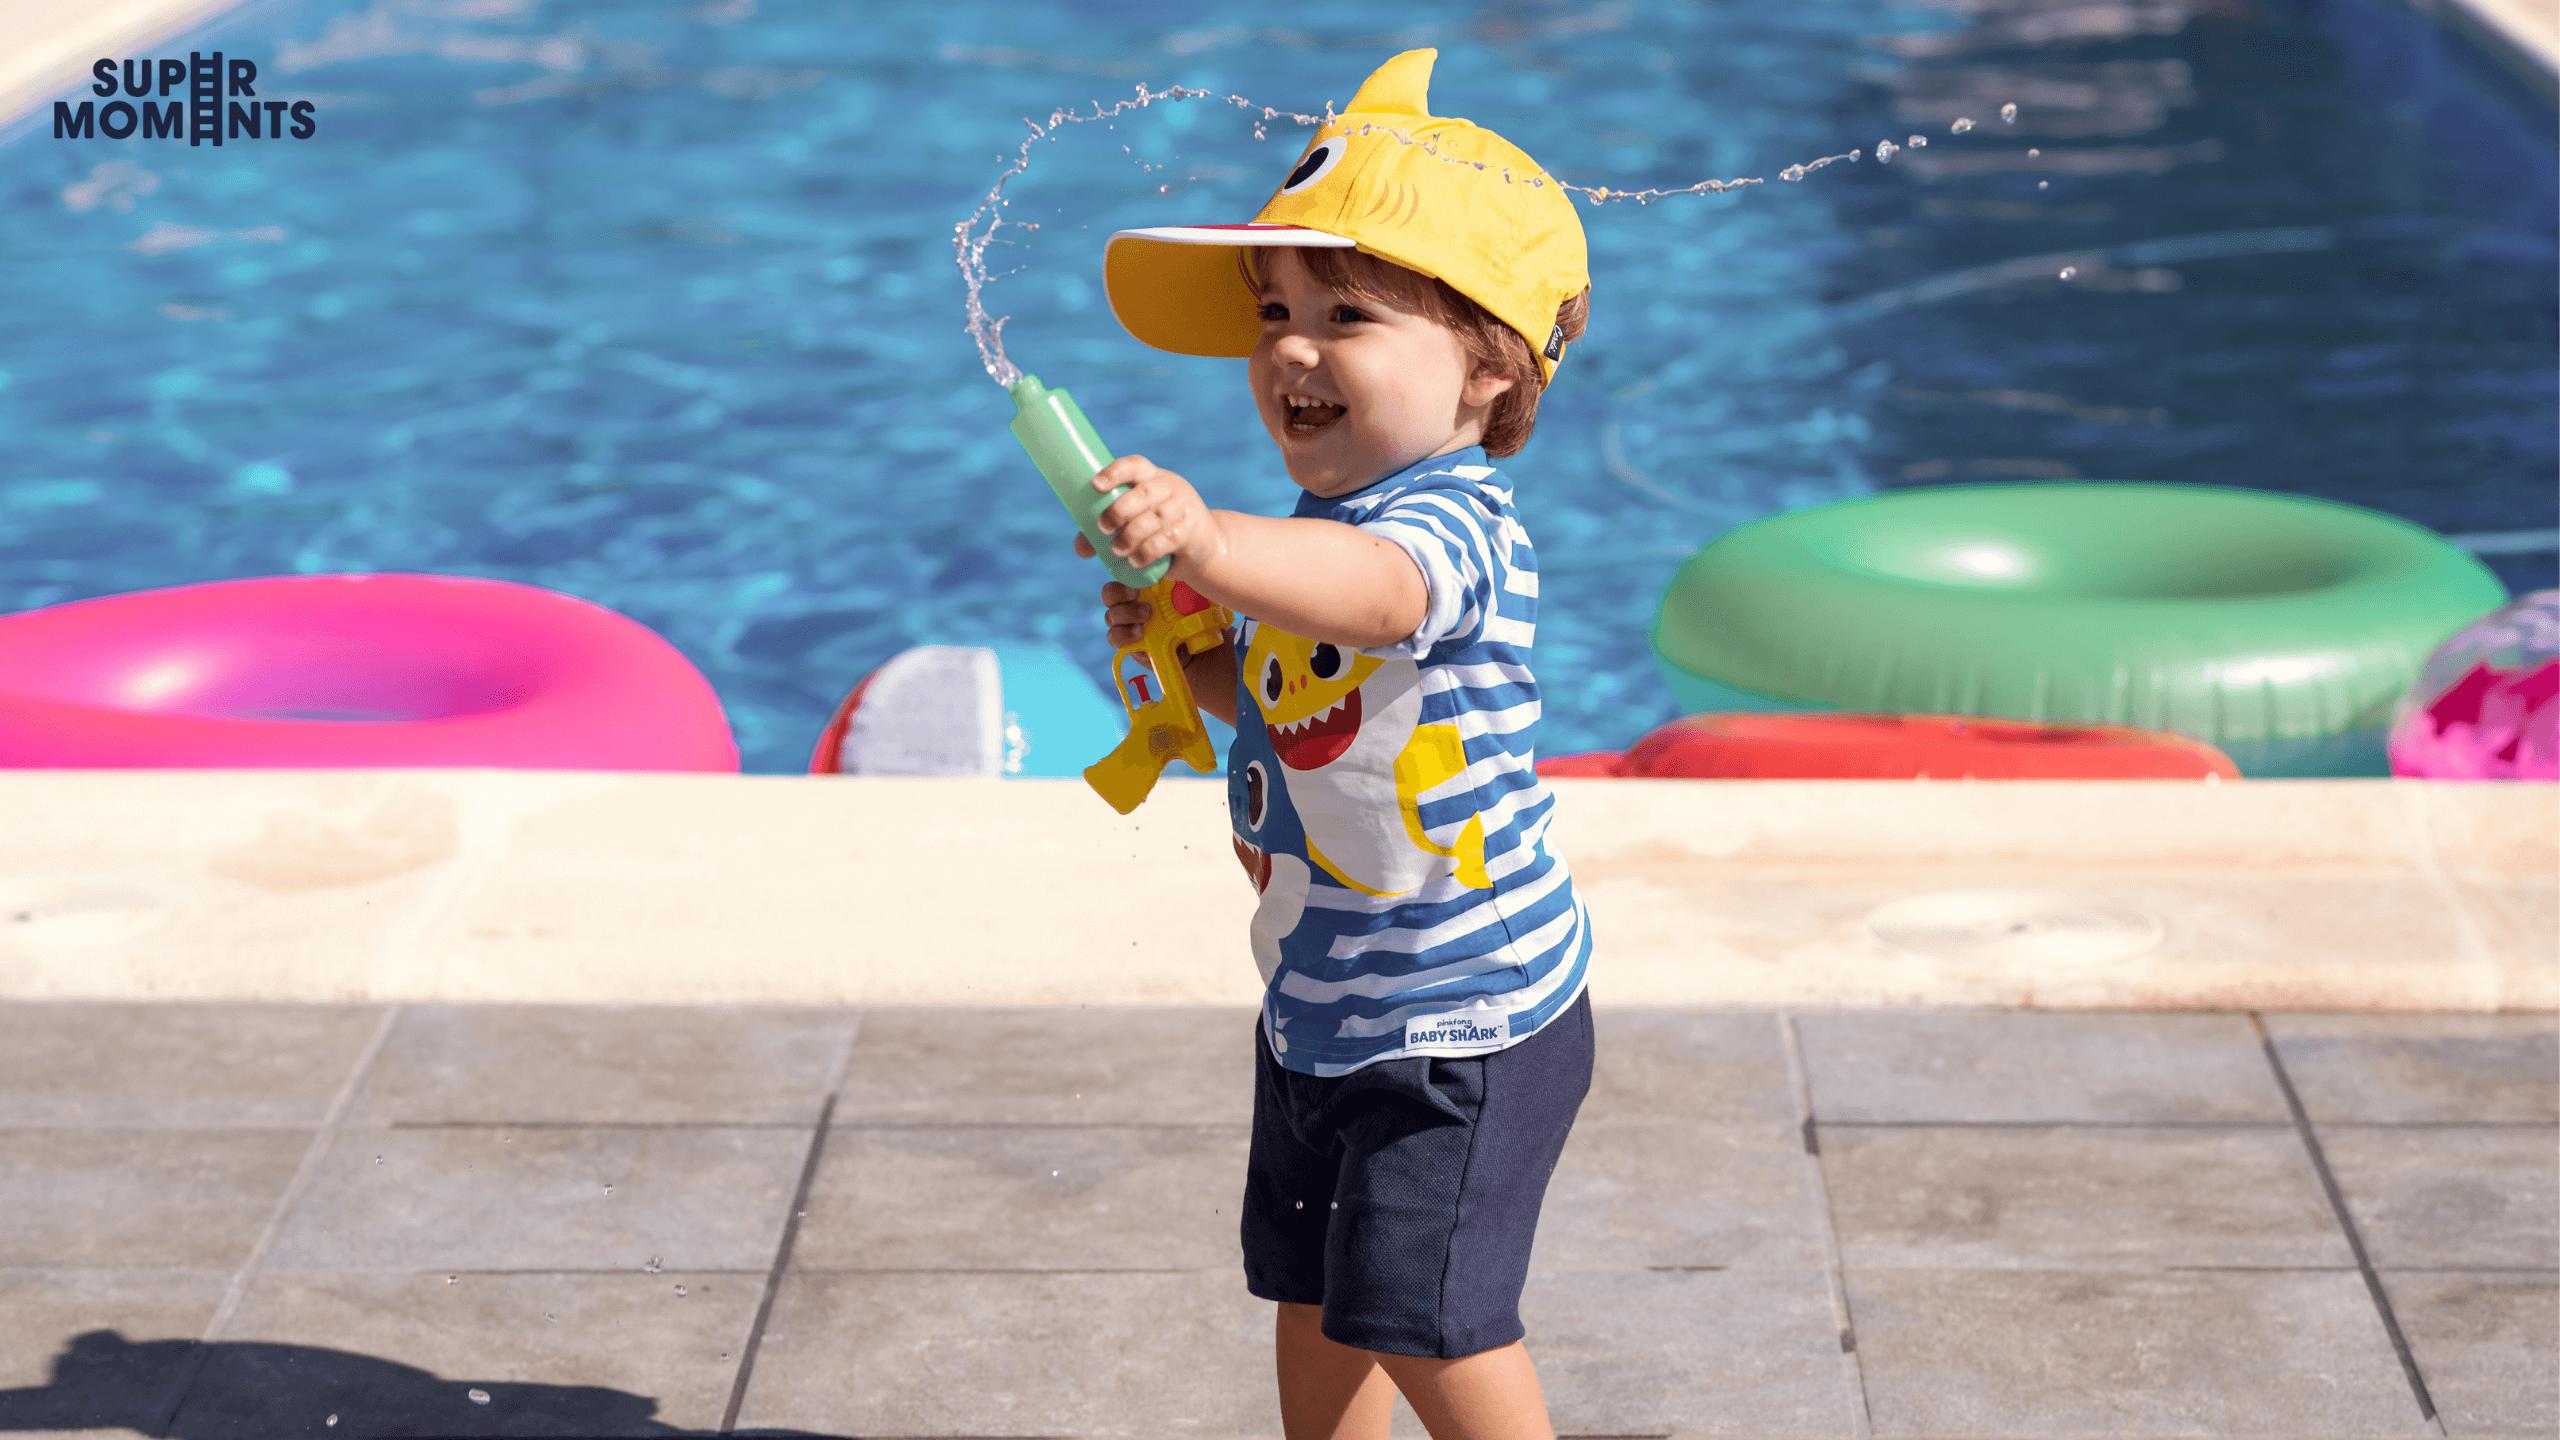 ¡SUPER Novedades! Gorras para niños con sus personajes favoritos